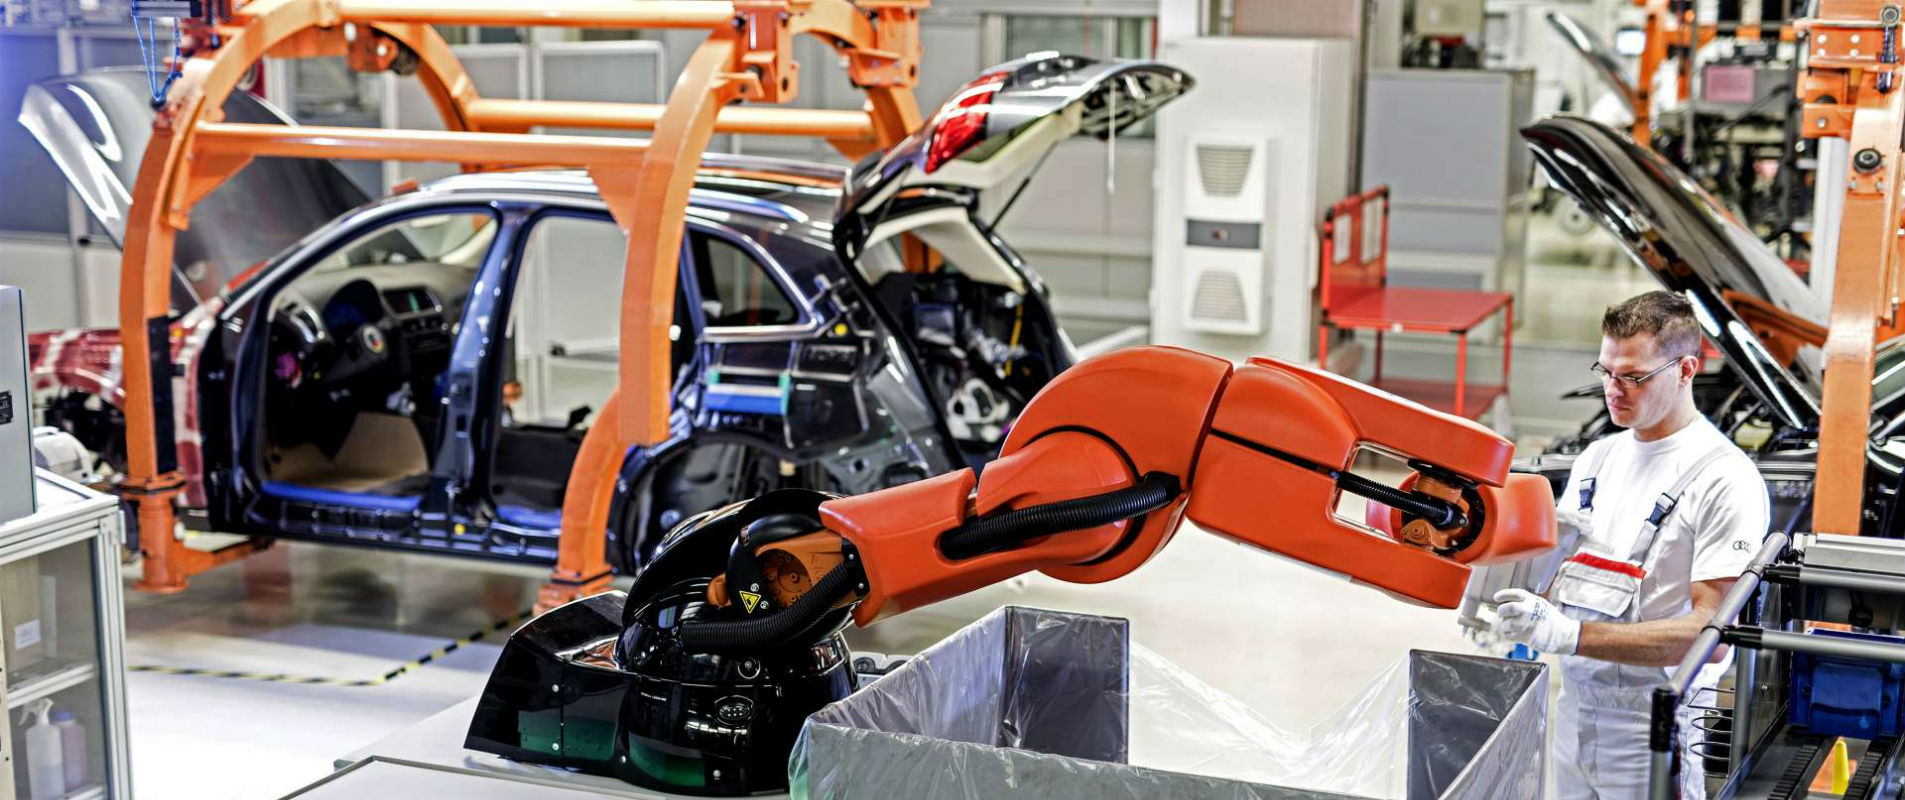 Los desafíos del mundo del trabajo ante la revolución de la robótica